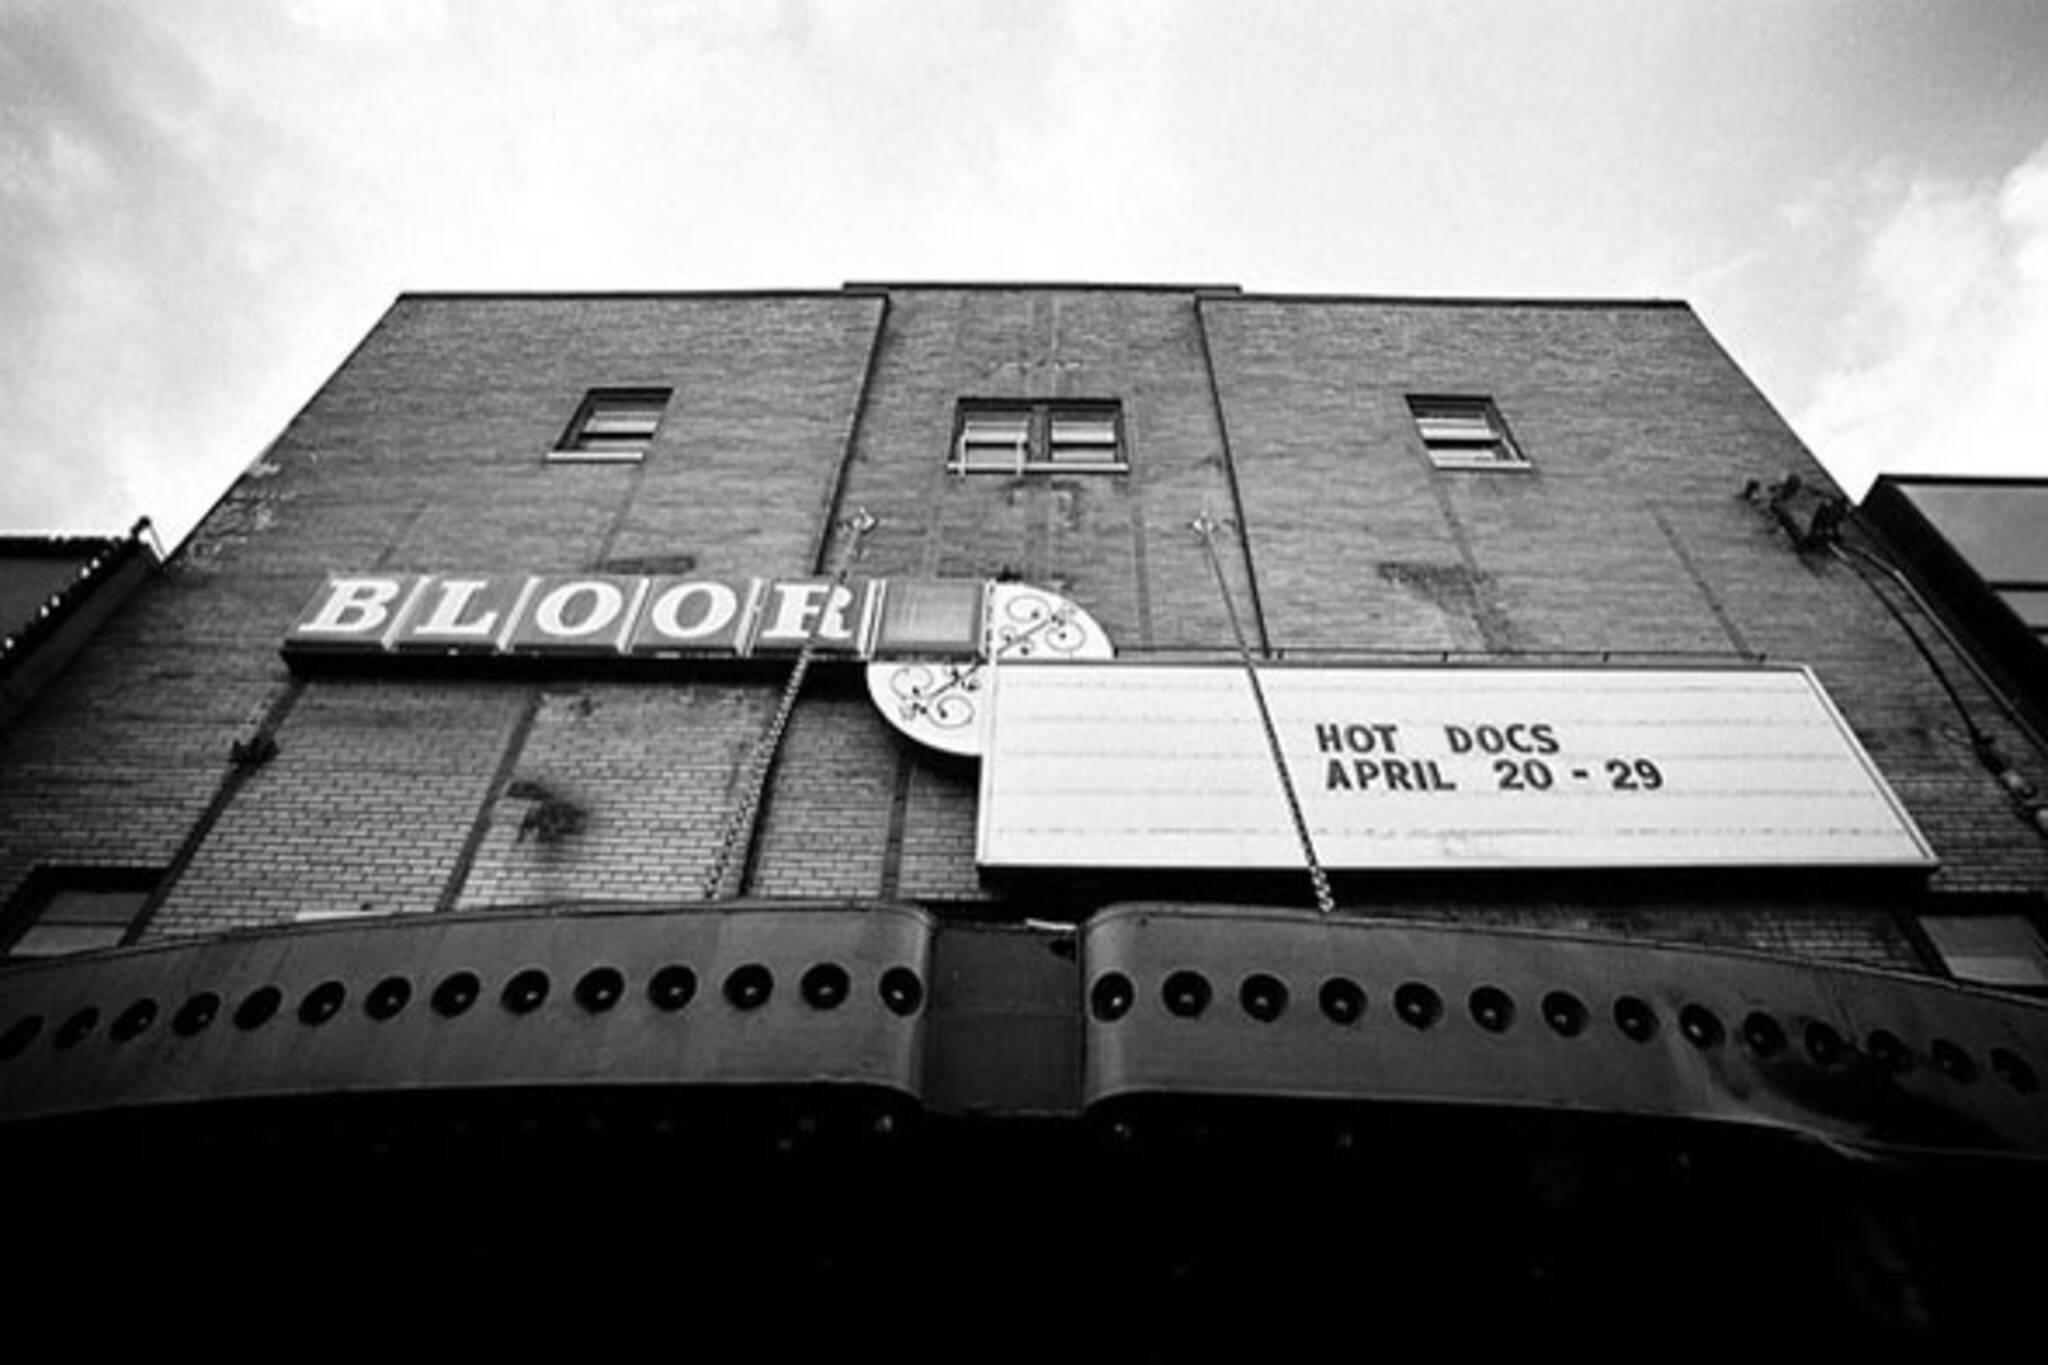 Hot Docs Bloor Cinema